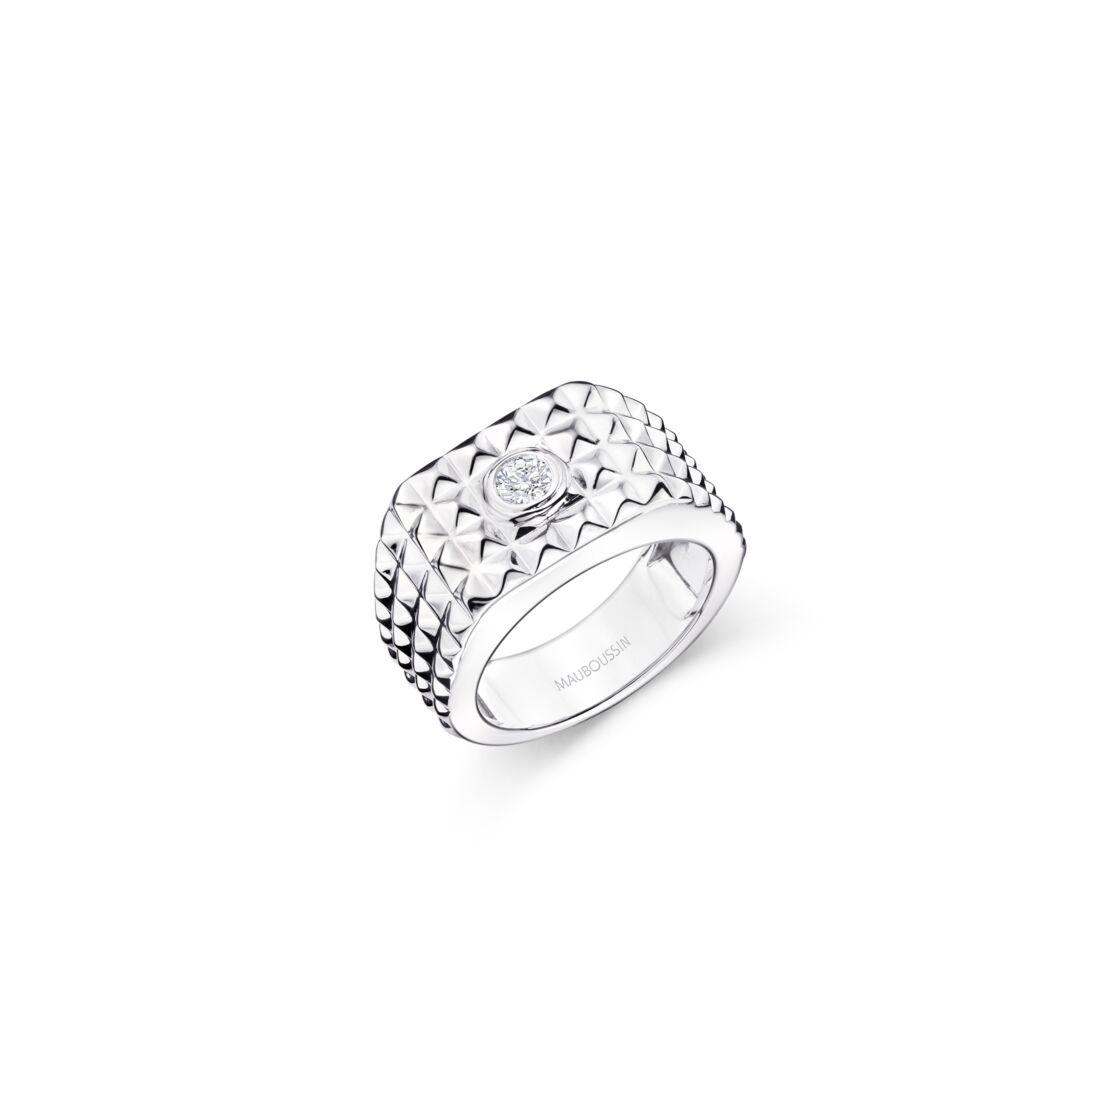 Pour prendre soin de ses bijoux en argent, il suffit de les frotter avec un chiffon imbibé de jus de citron.